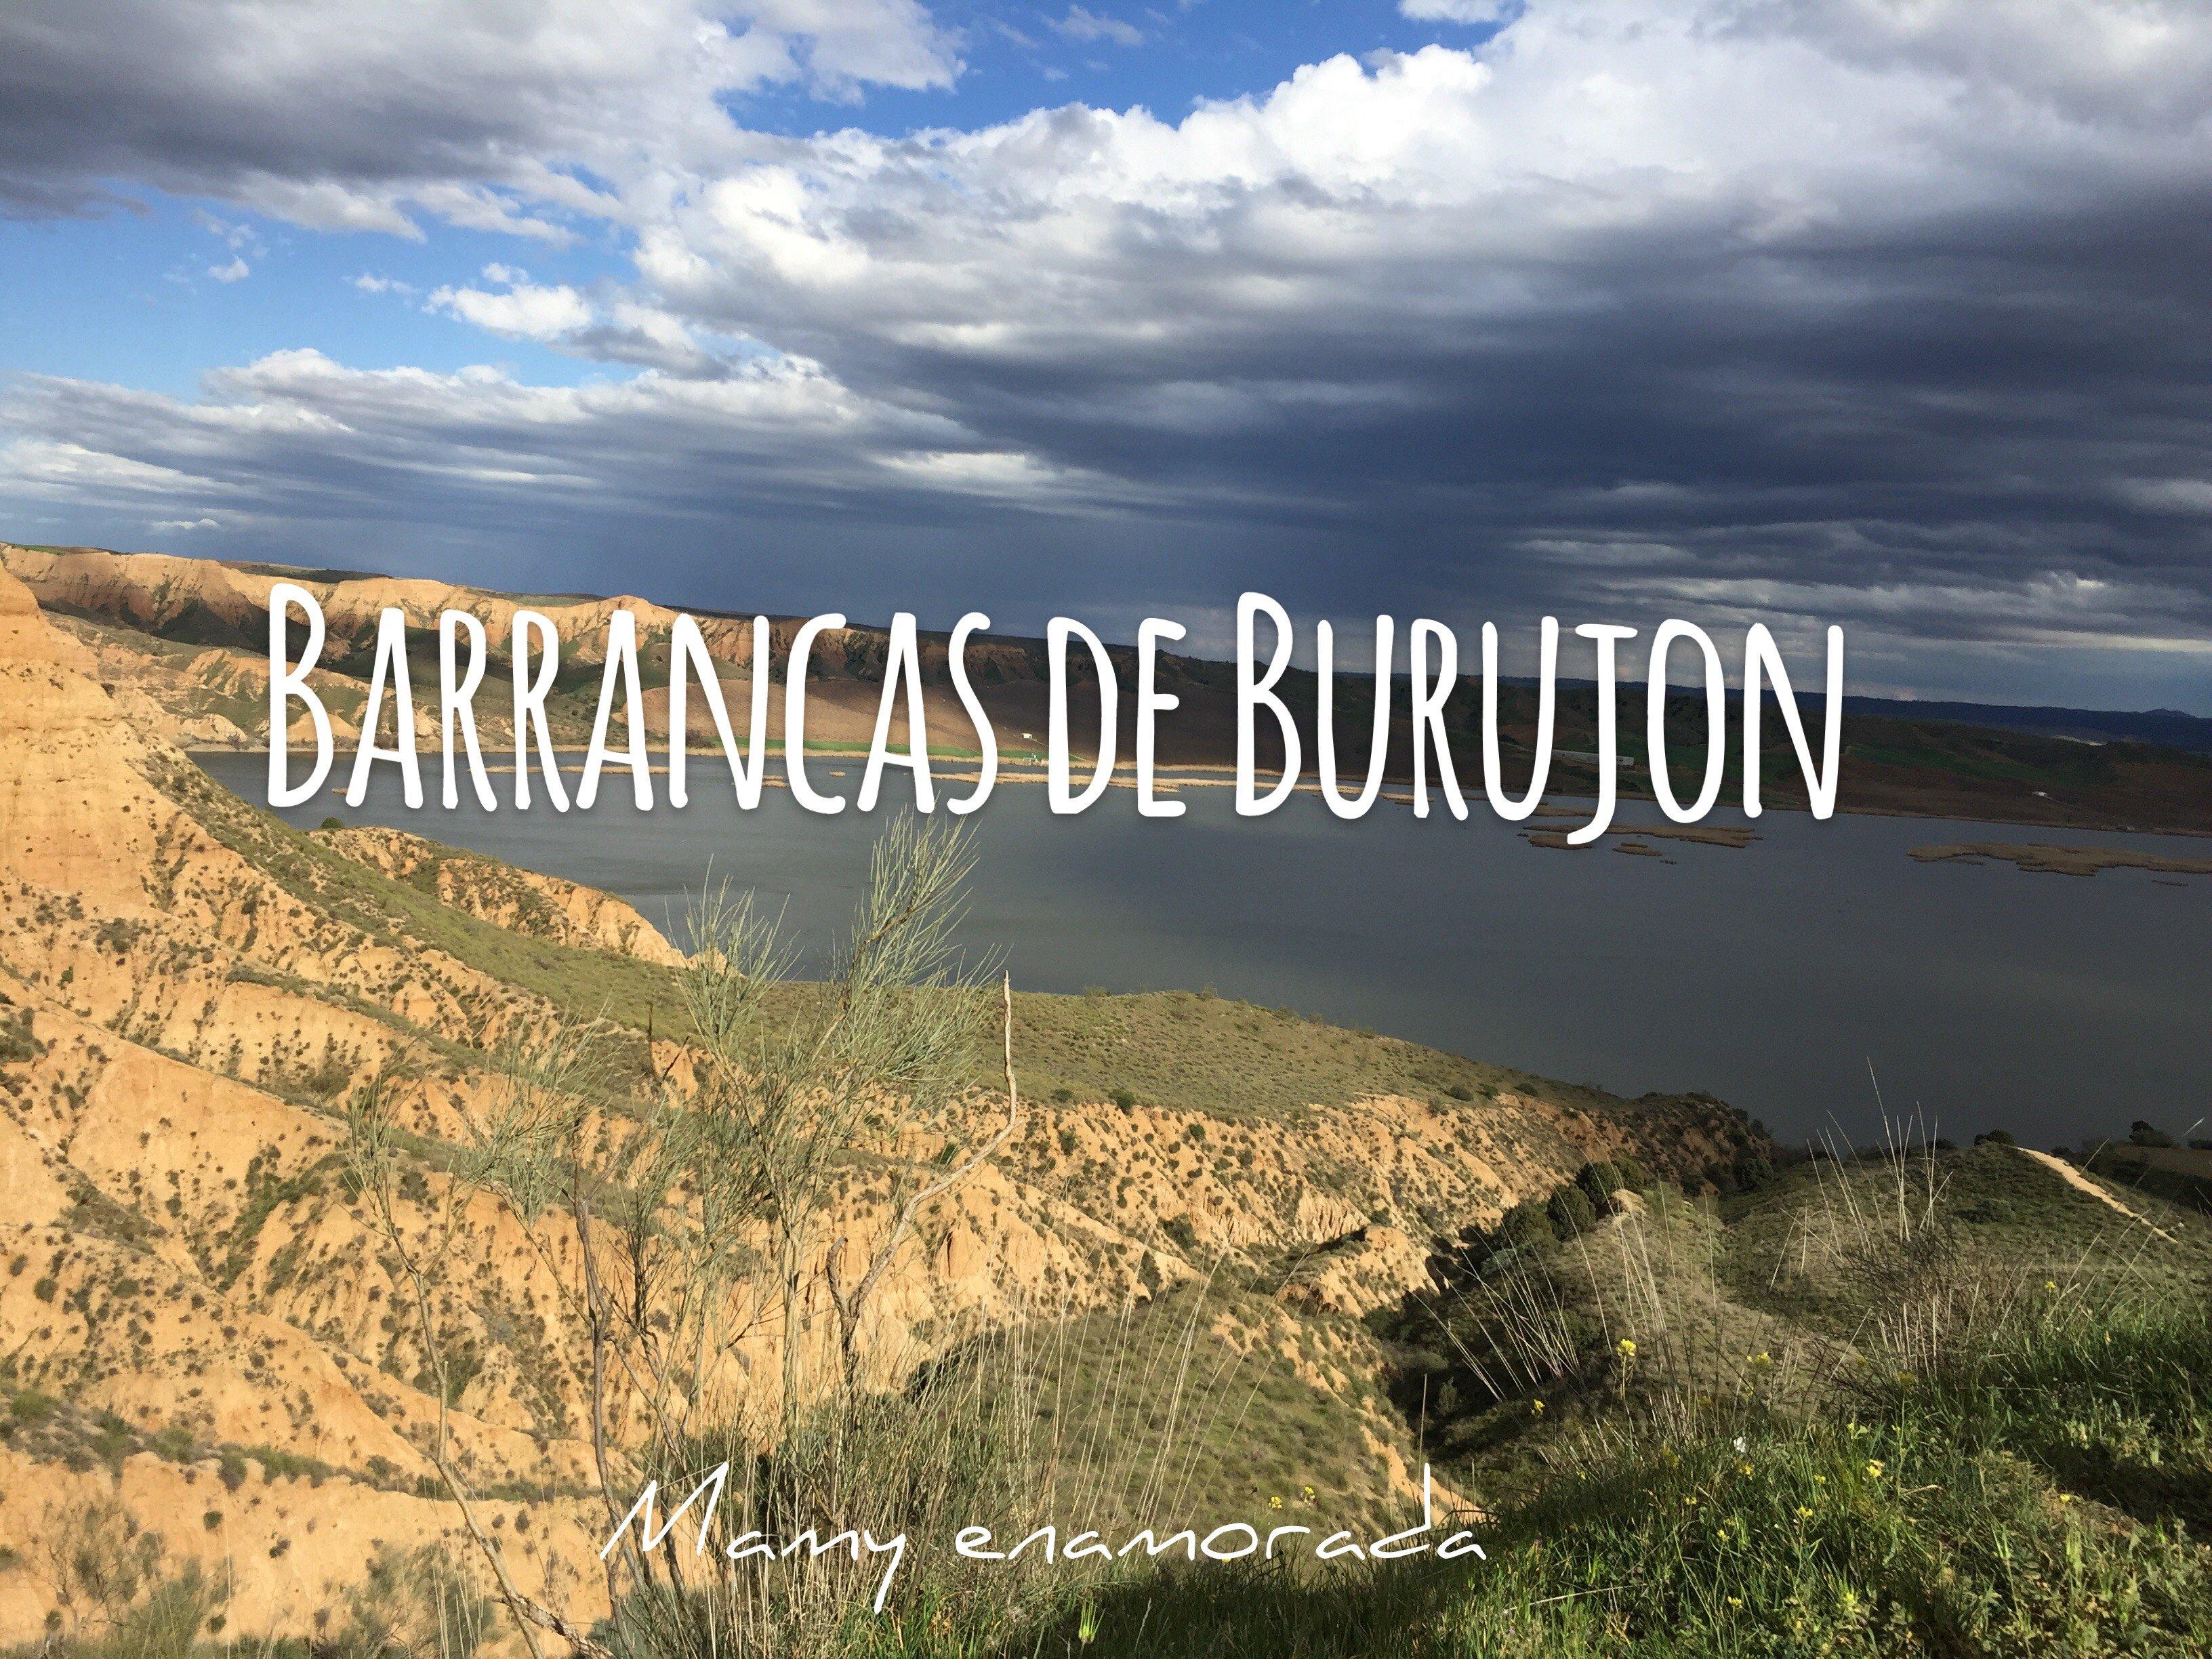 Barrancas de Burujón